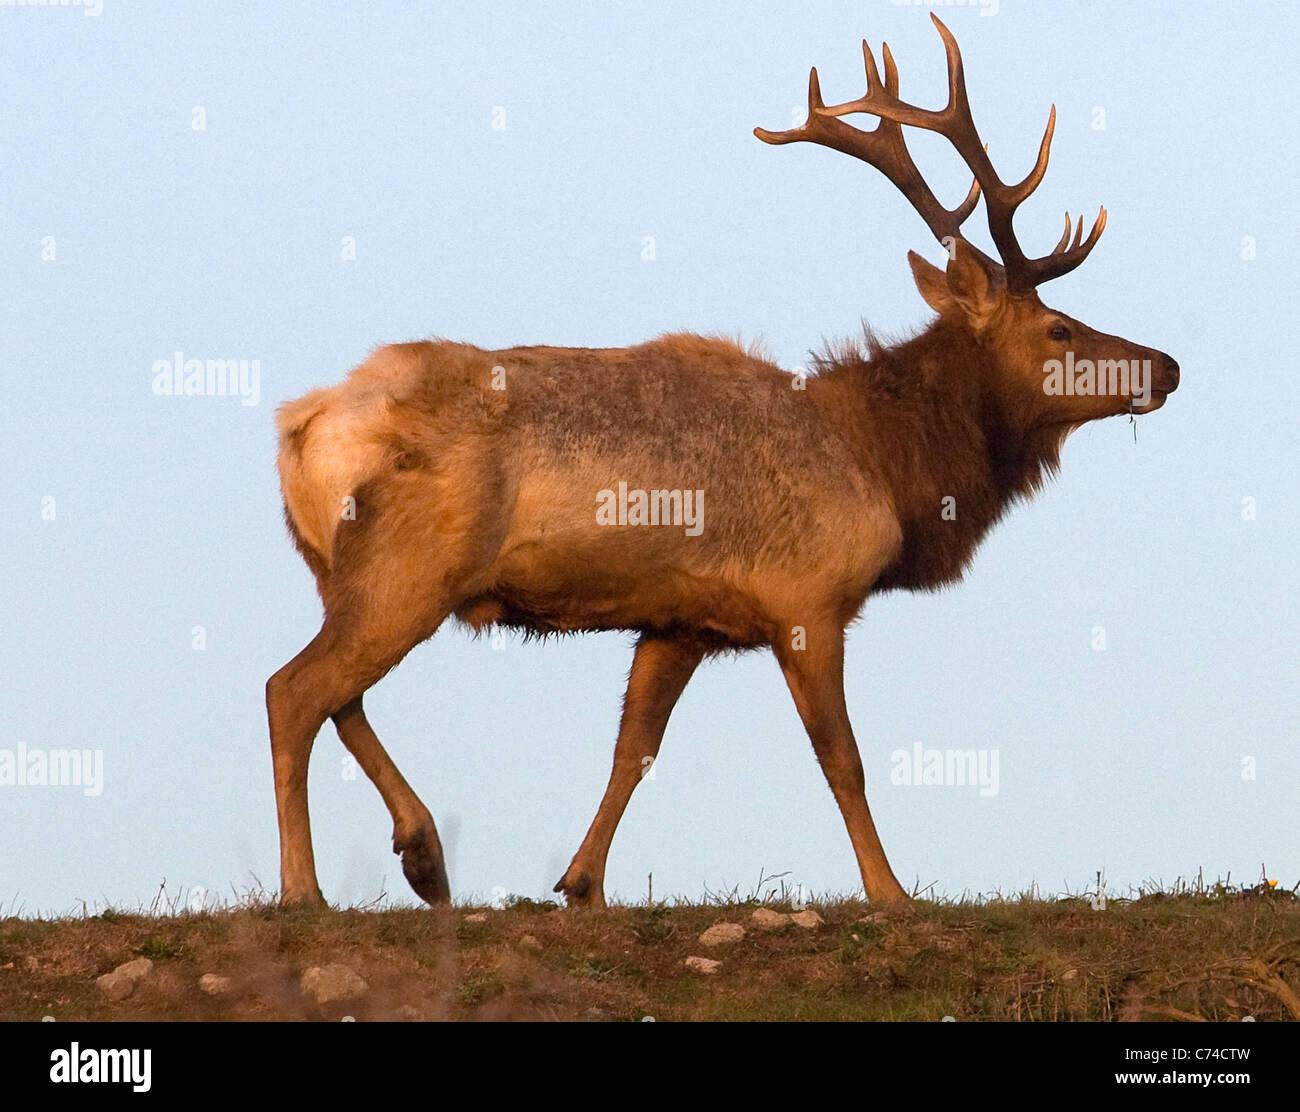 Tule Elk, Point Reyes, California - Stock Image